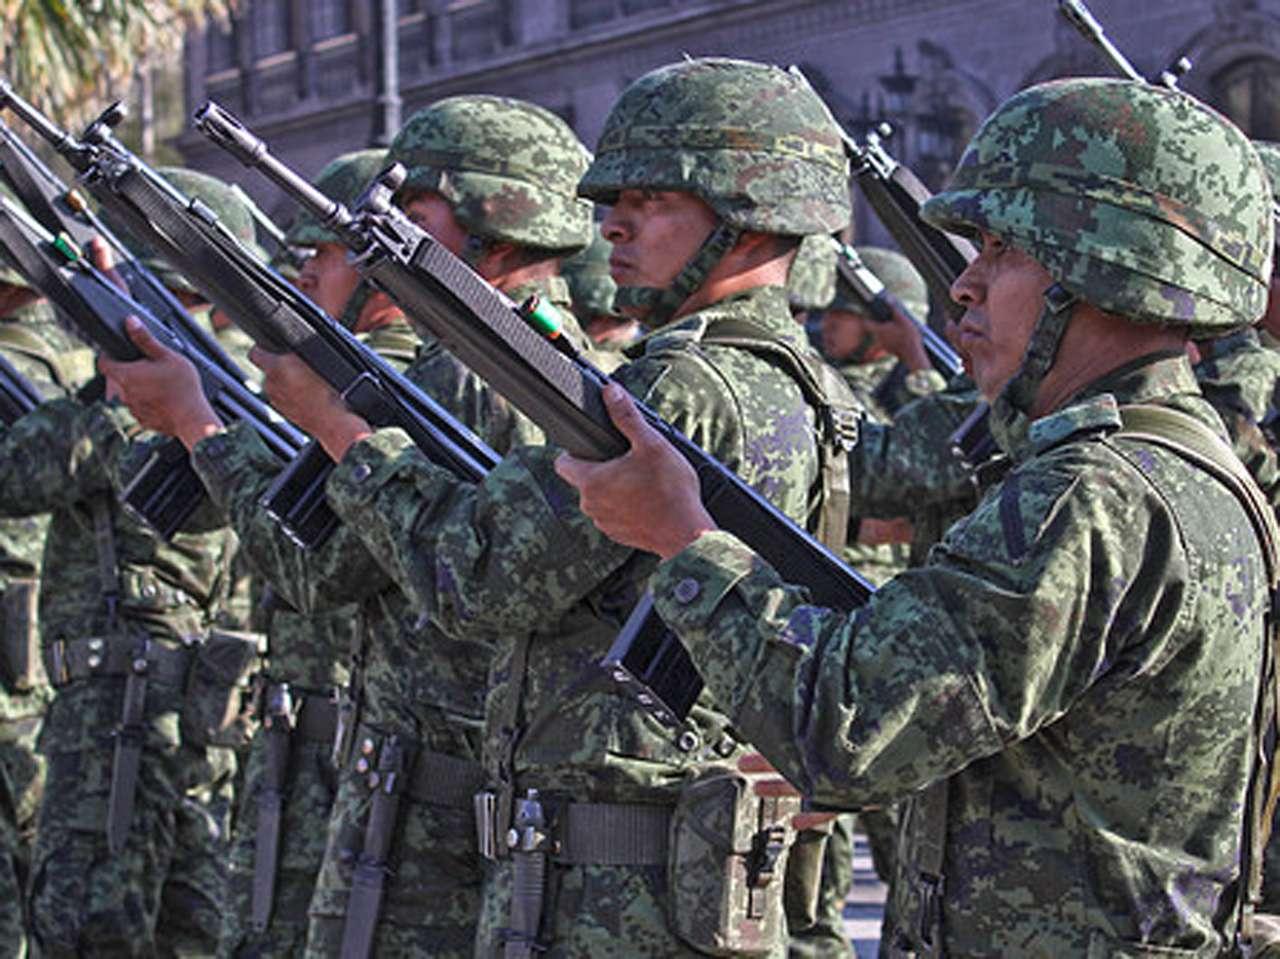 Ejército Mexicano toma como aliado a la tecnología para aprovechar las aeronaves no tripuladas con la finalidad de reforzar el combate a la delincuencia Foto: Especial/Terra